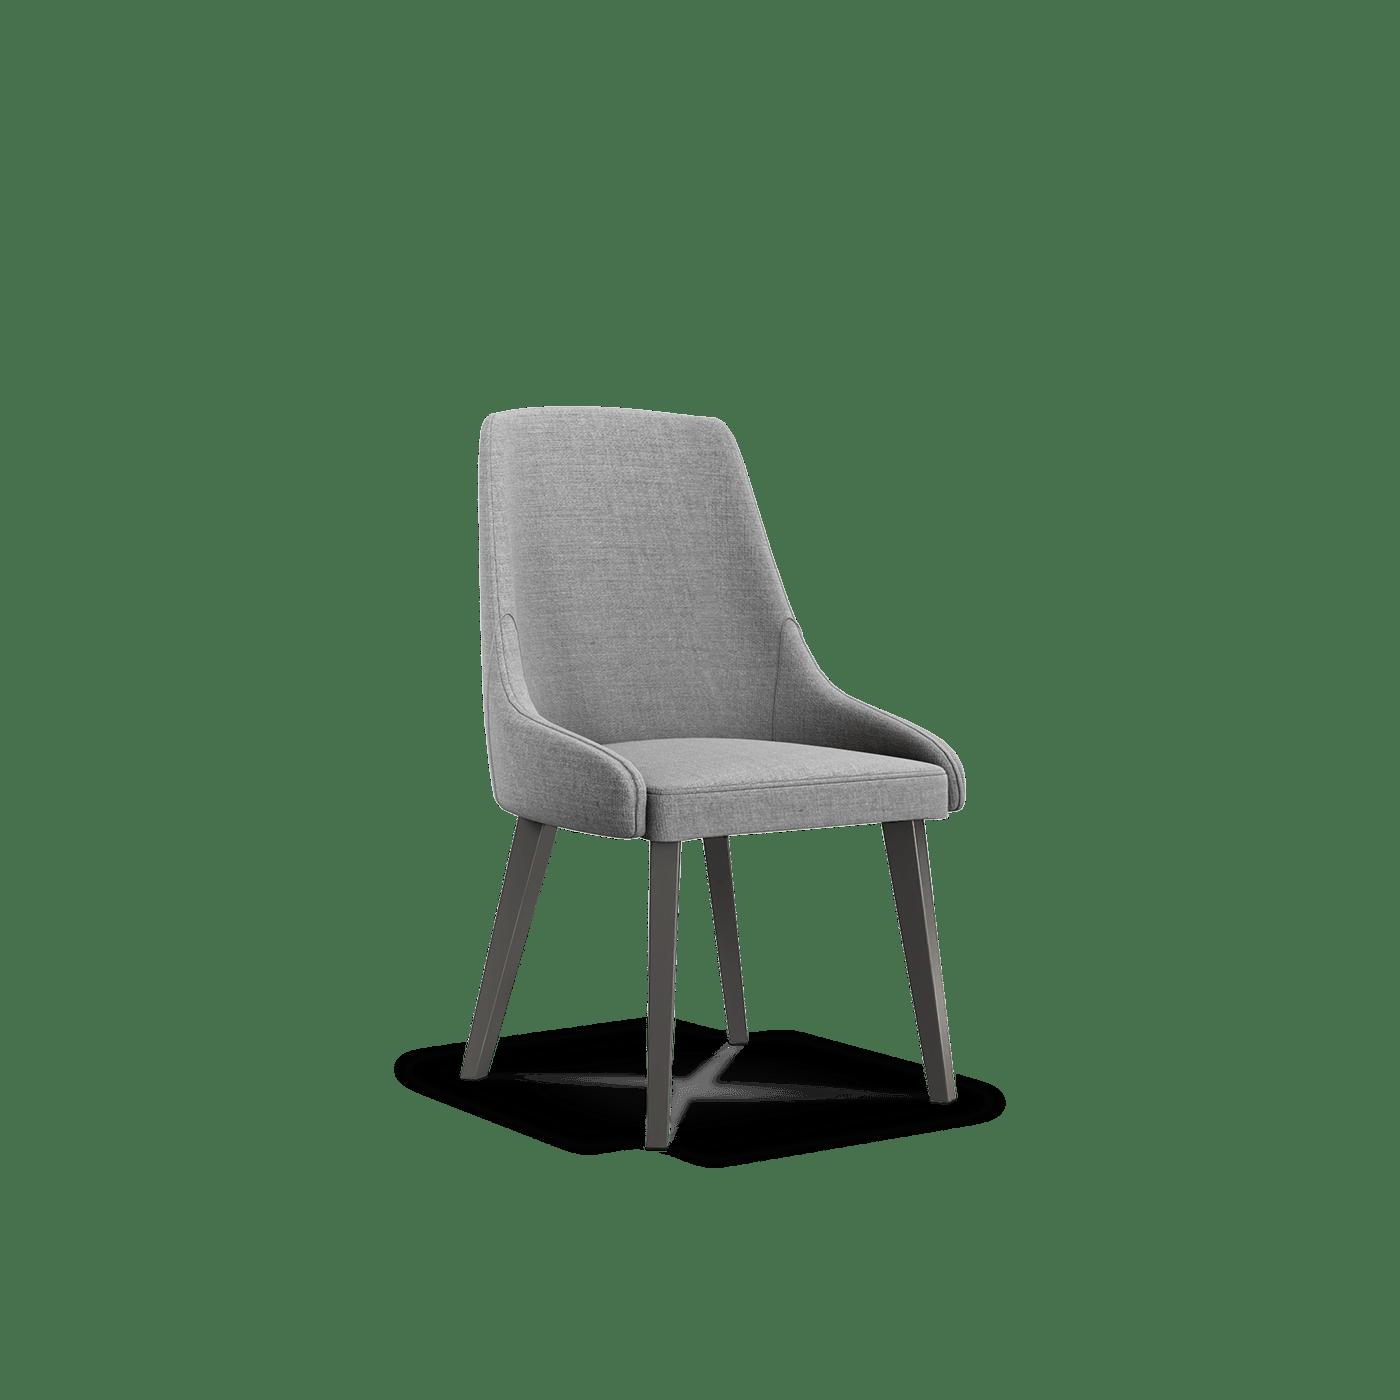 Floret Chair